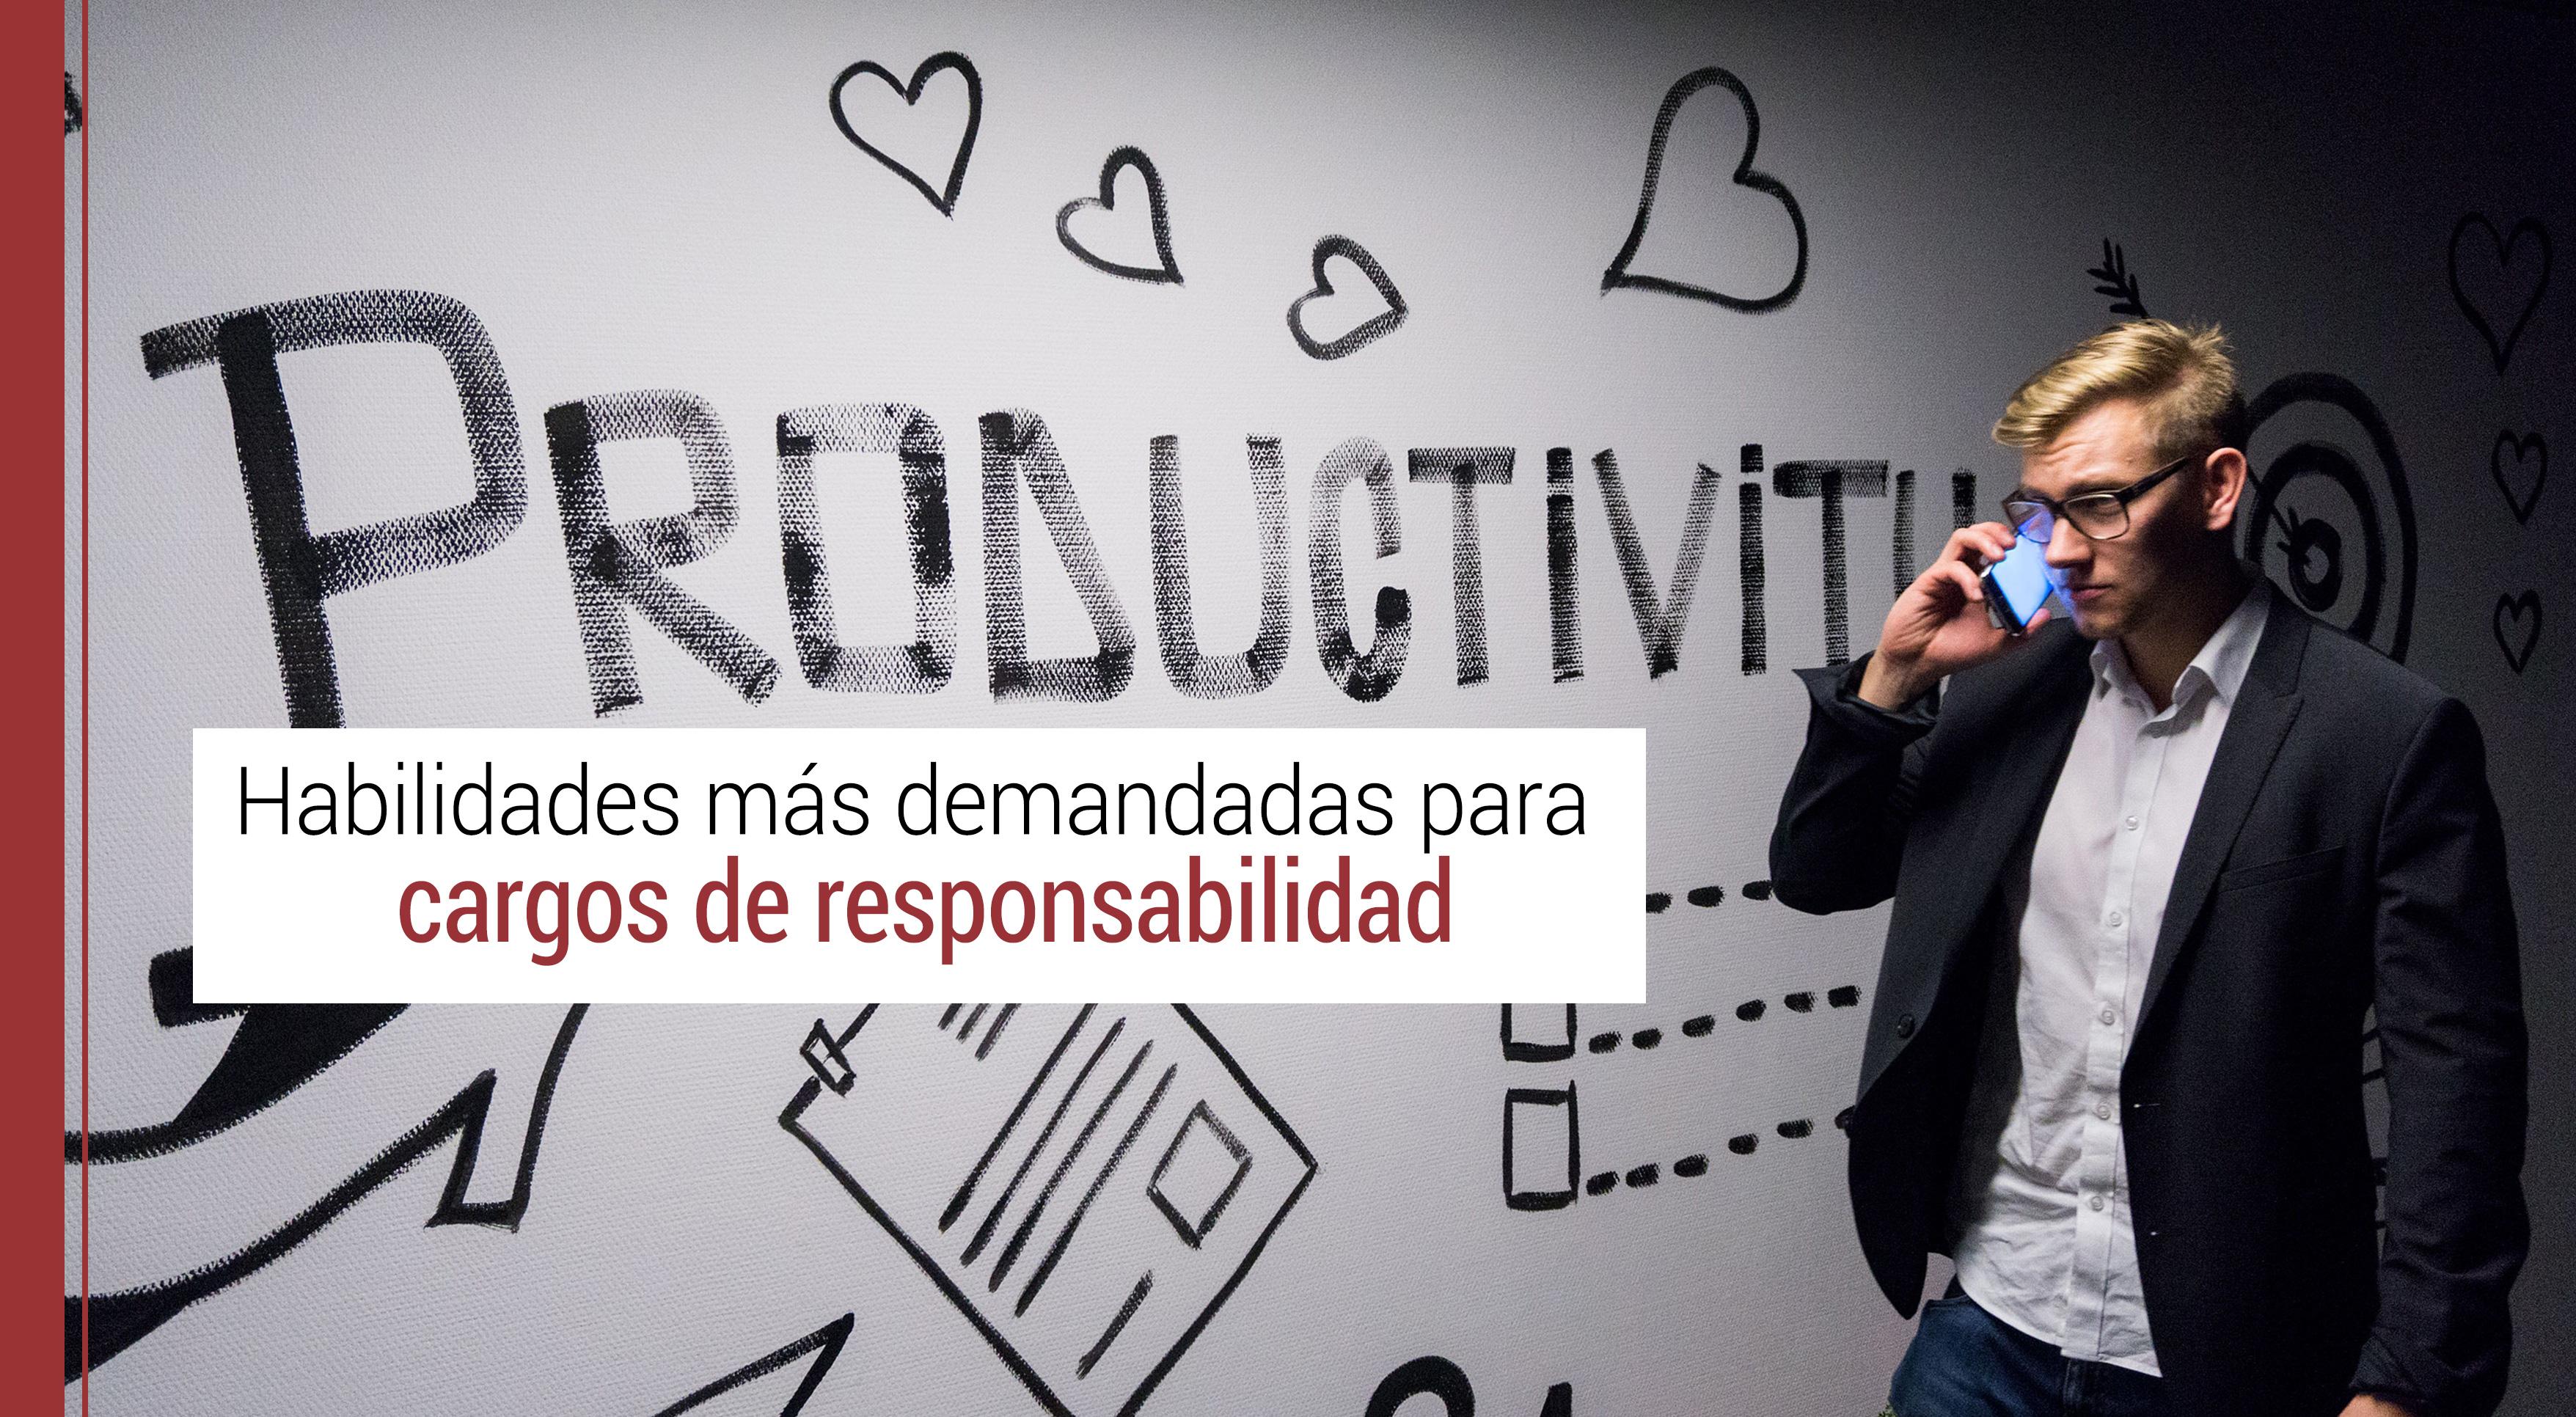 habilidades-demandadas-cargos-de-responsabilidad Habilidades más valoradas para cargos de responsabilidad